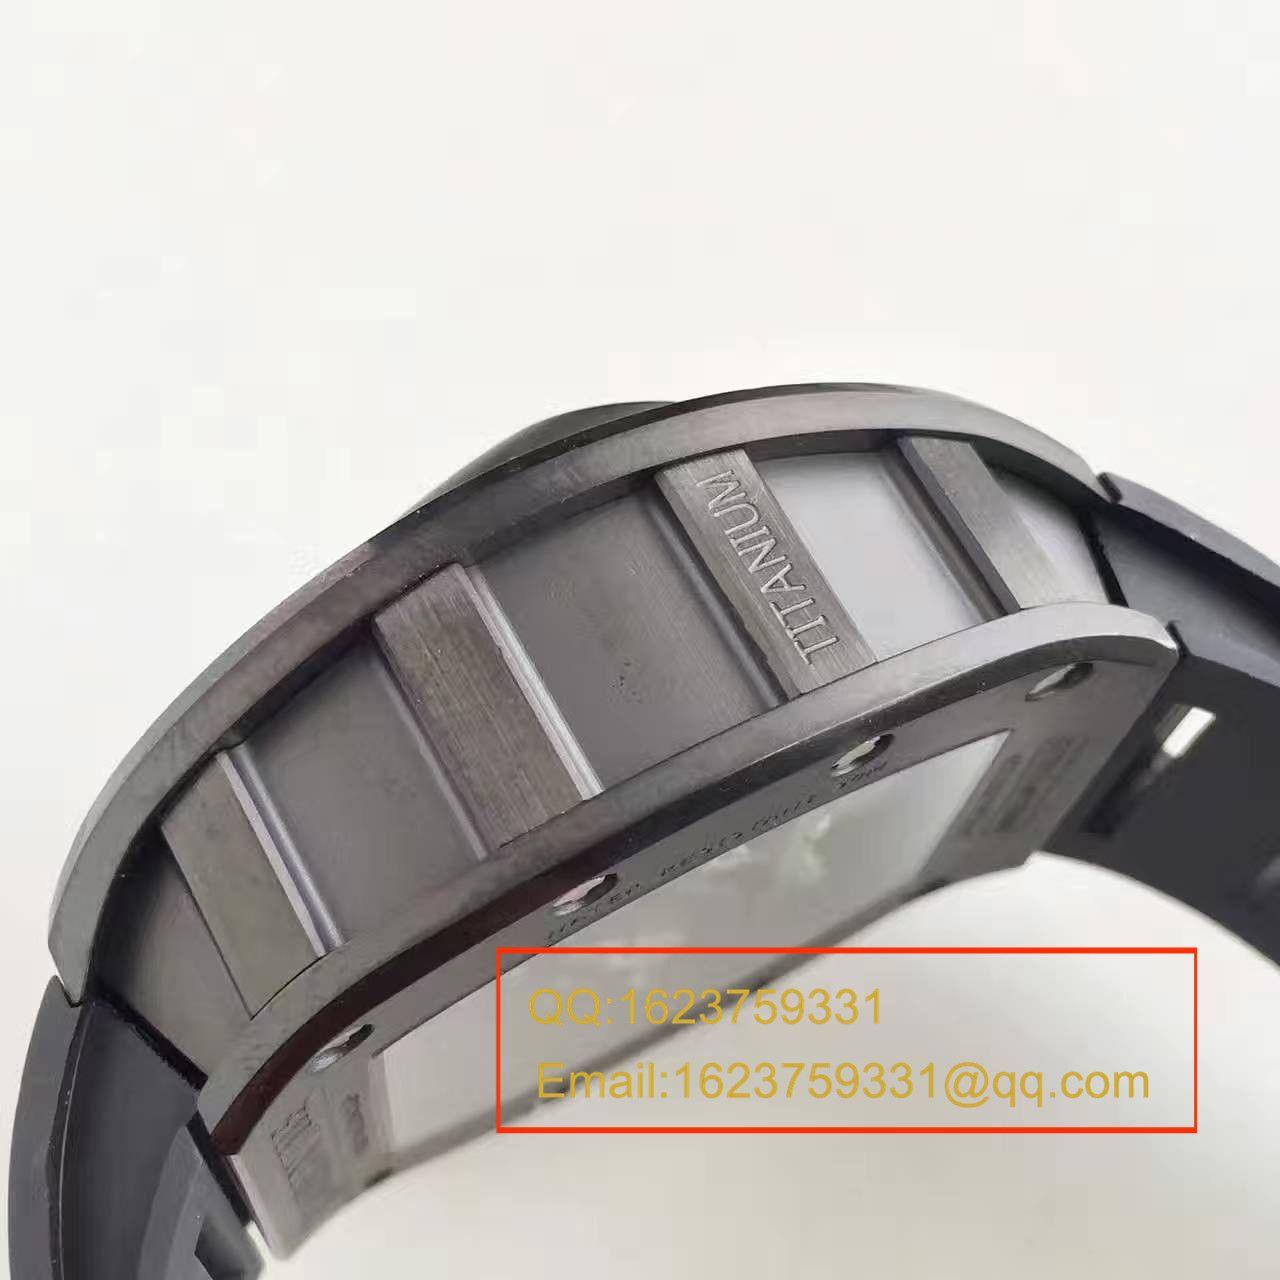 【RM超A精仿手表】里查德米勒男士系列RM 053腕表 / RM033